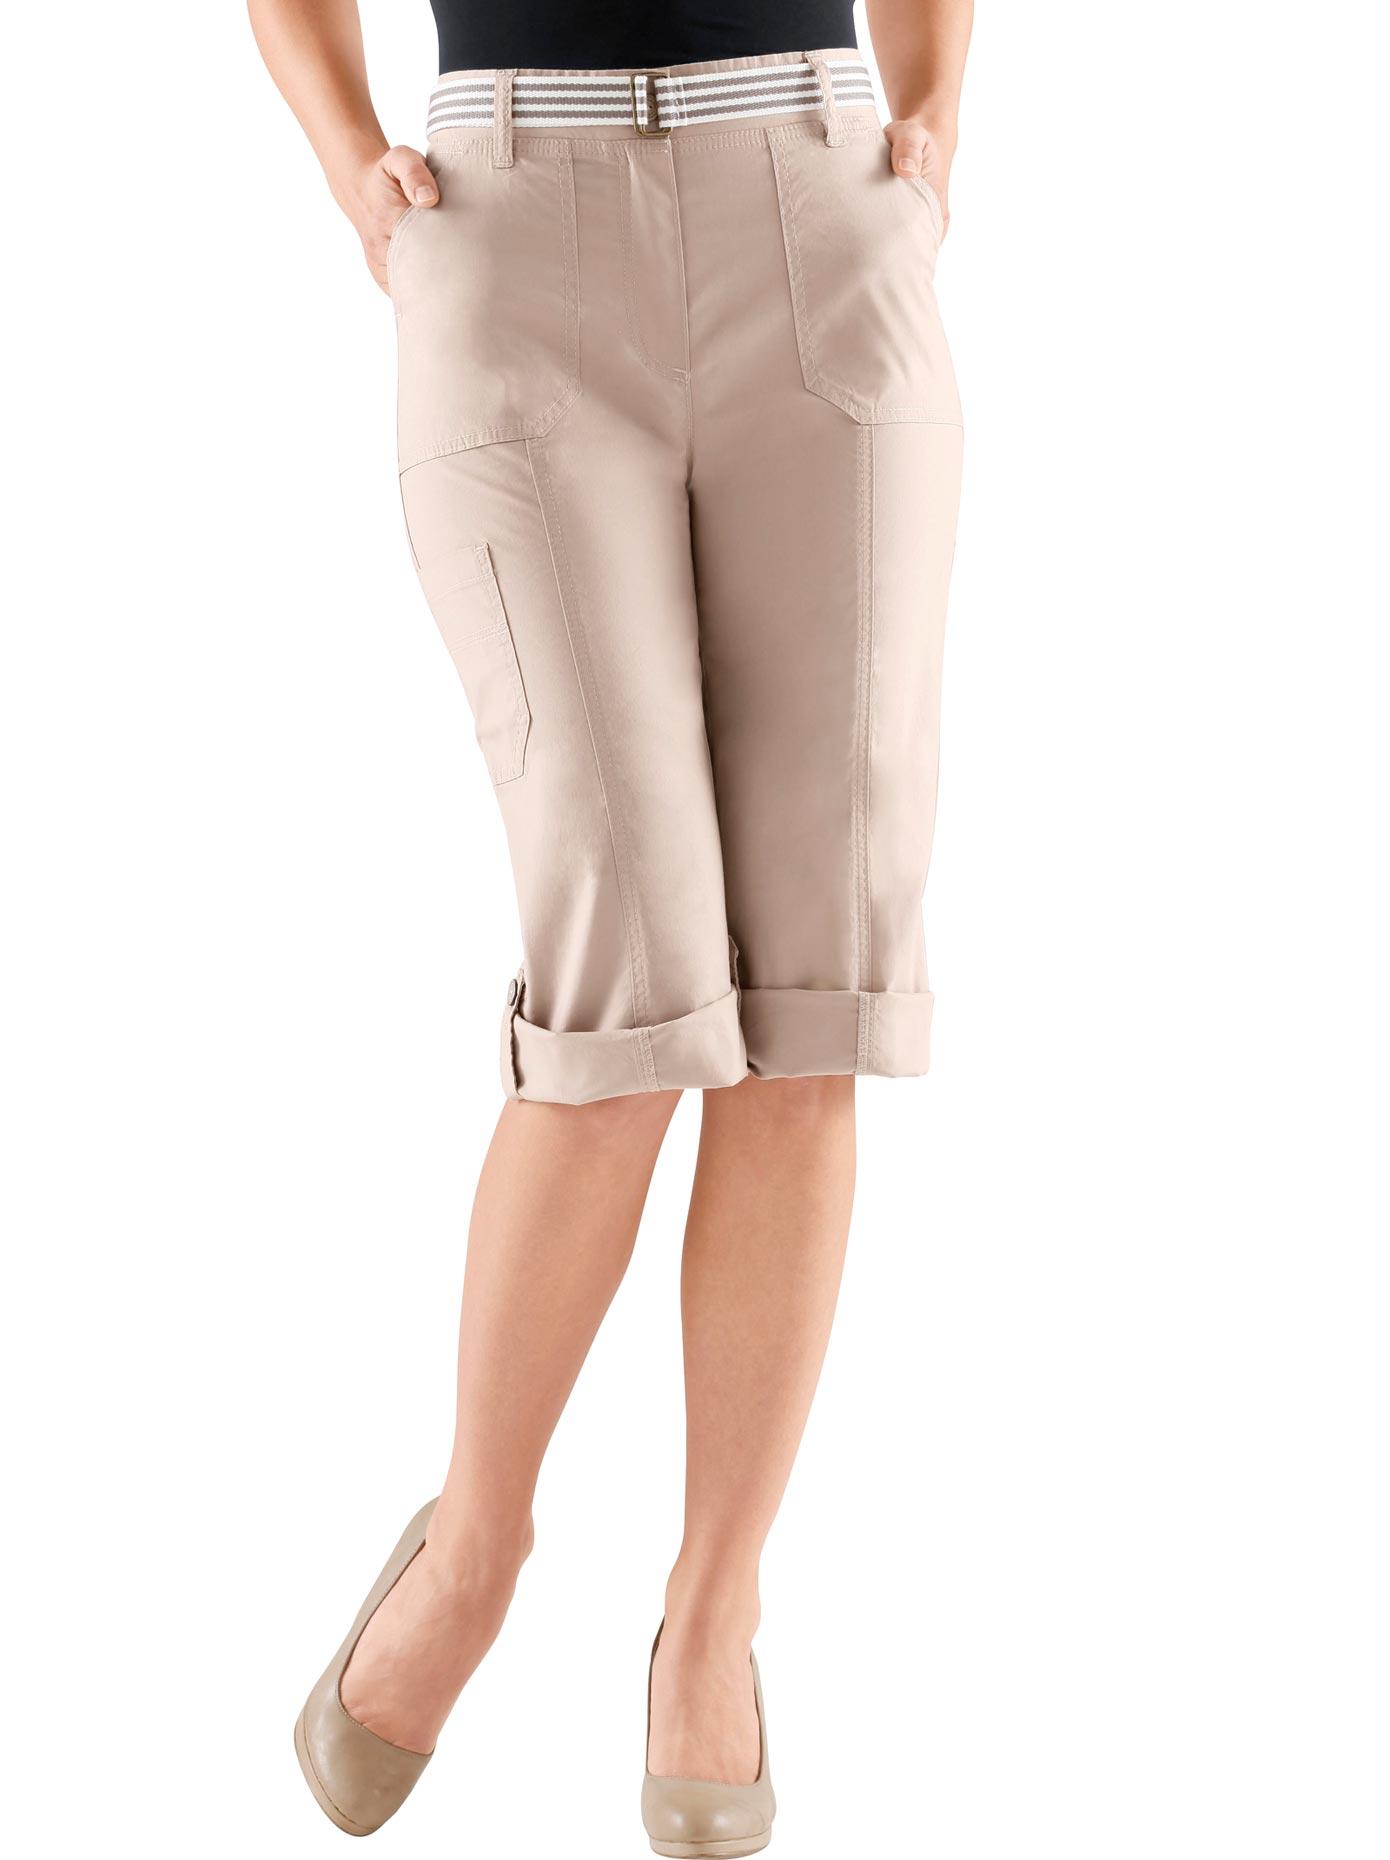 Casual Looks Capri-Hose mit figurfreundlicher Teilungsnaht vorne | Bekleidung > Hosen > Caprihosen | Braun | Casual Looks